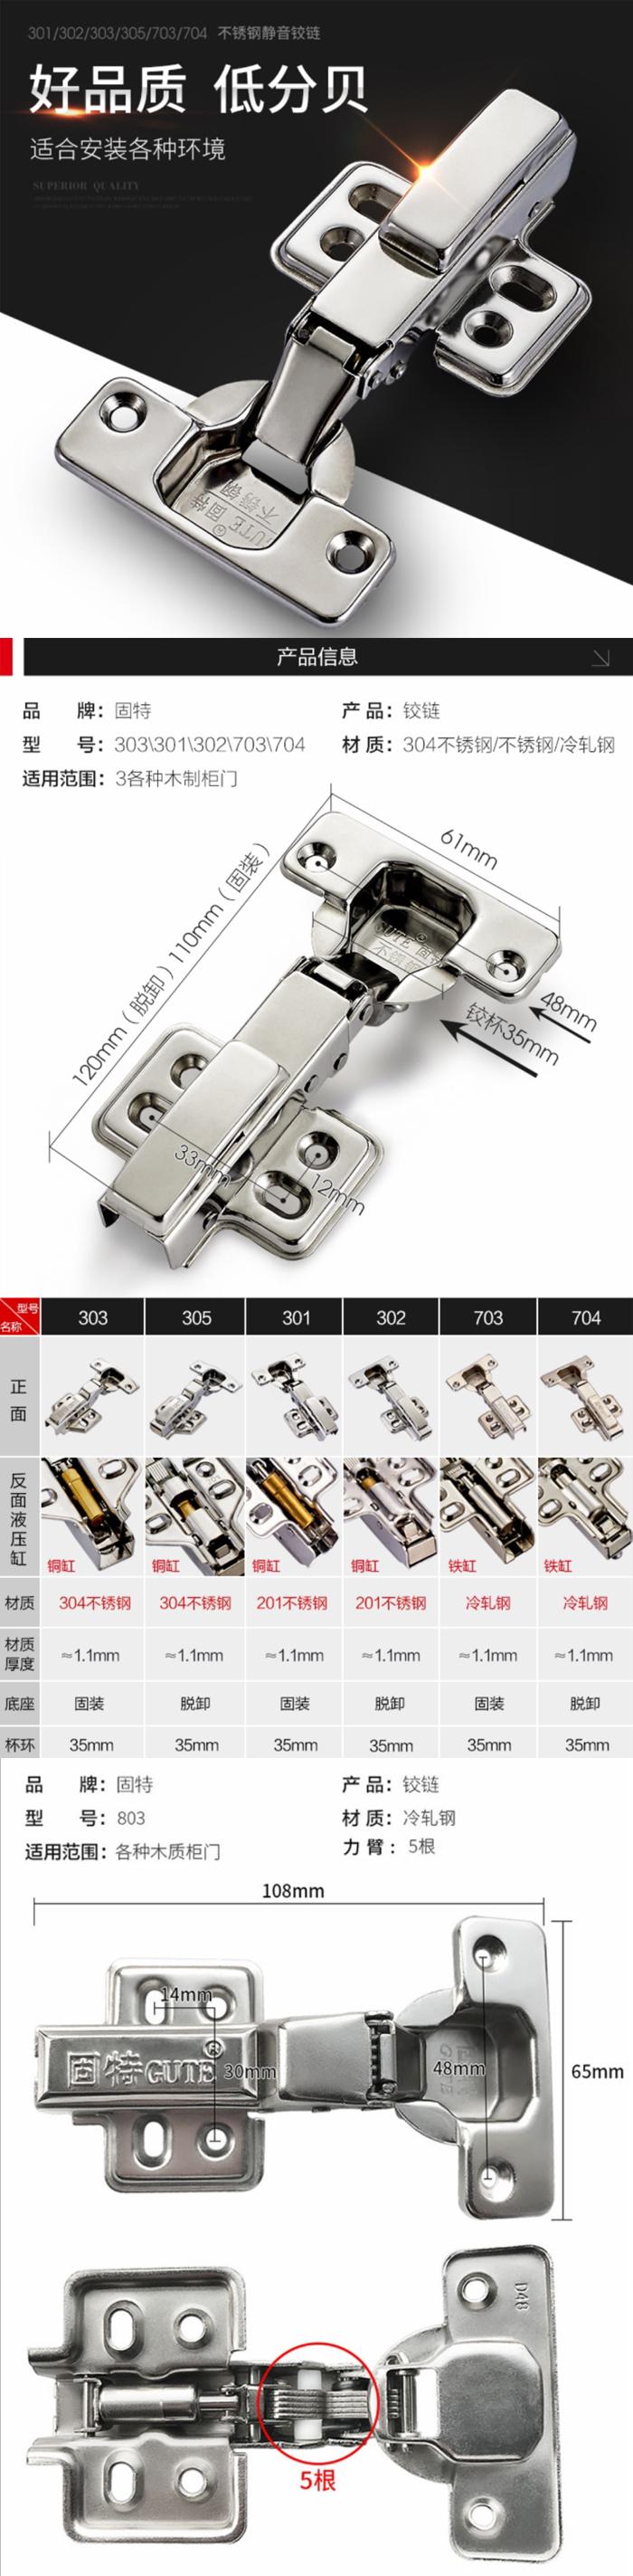 【建材厂家】固特铰链304不锈钢阻尼烟斗合页